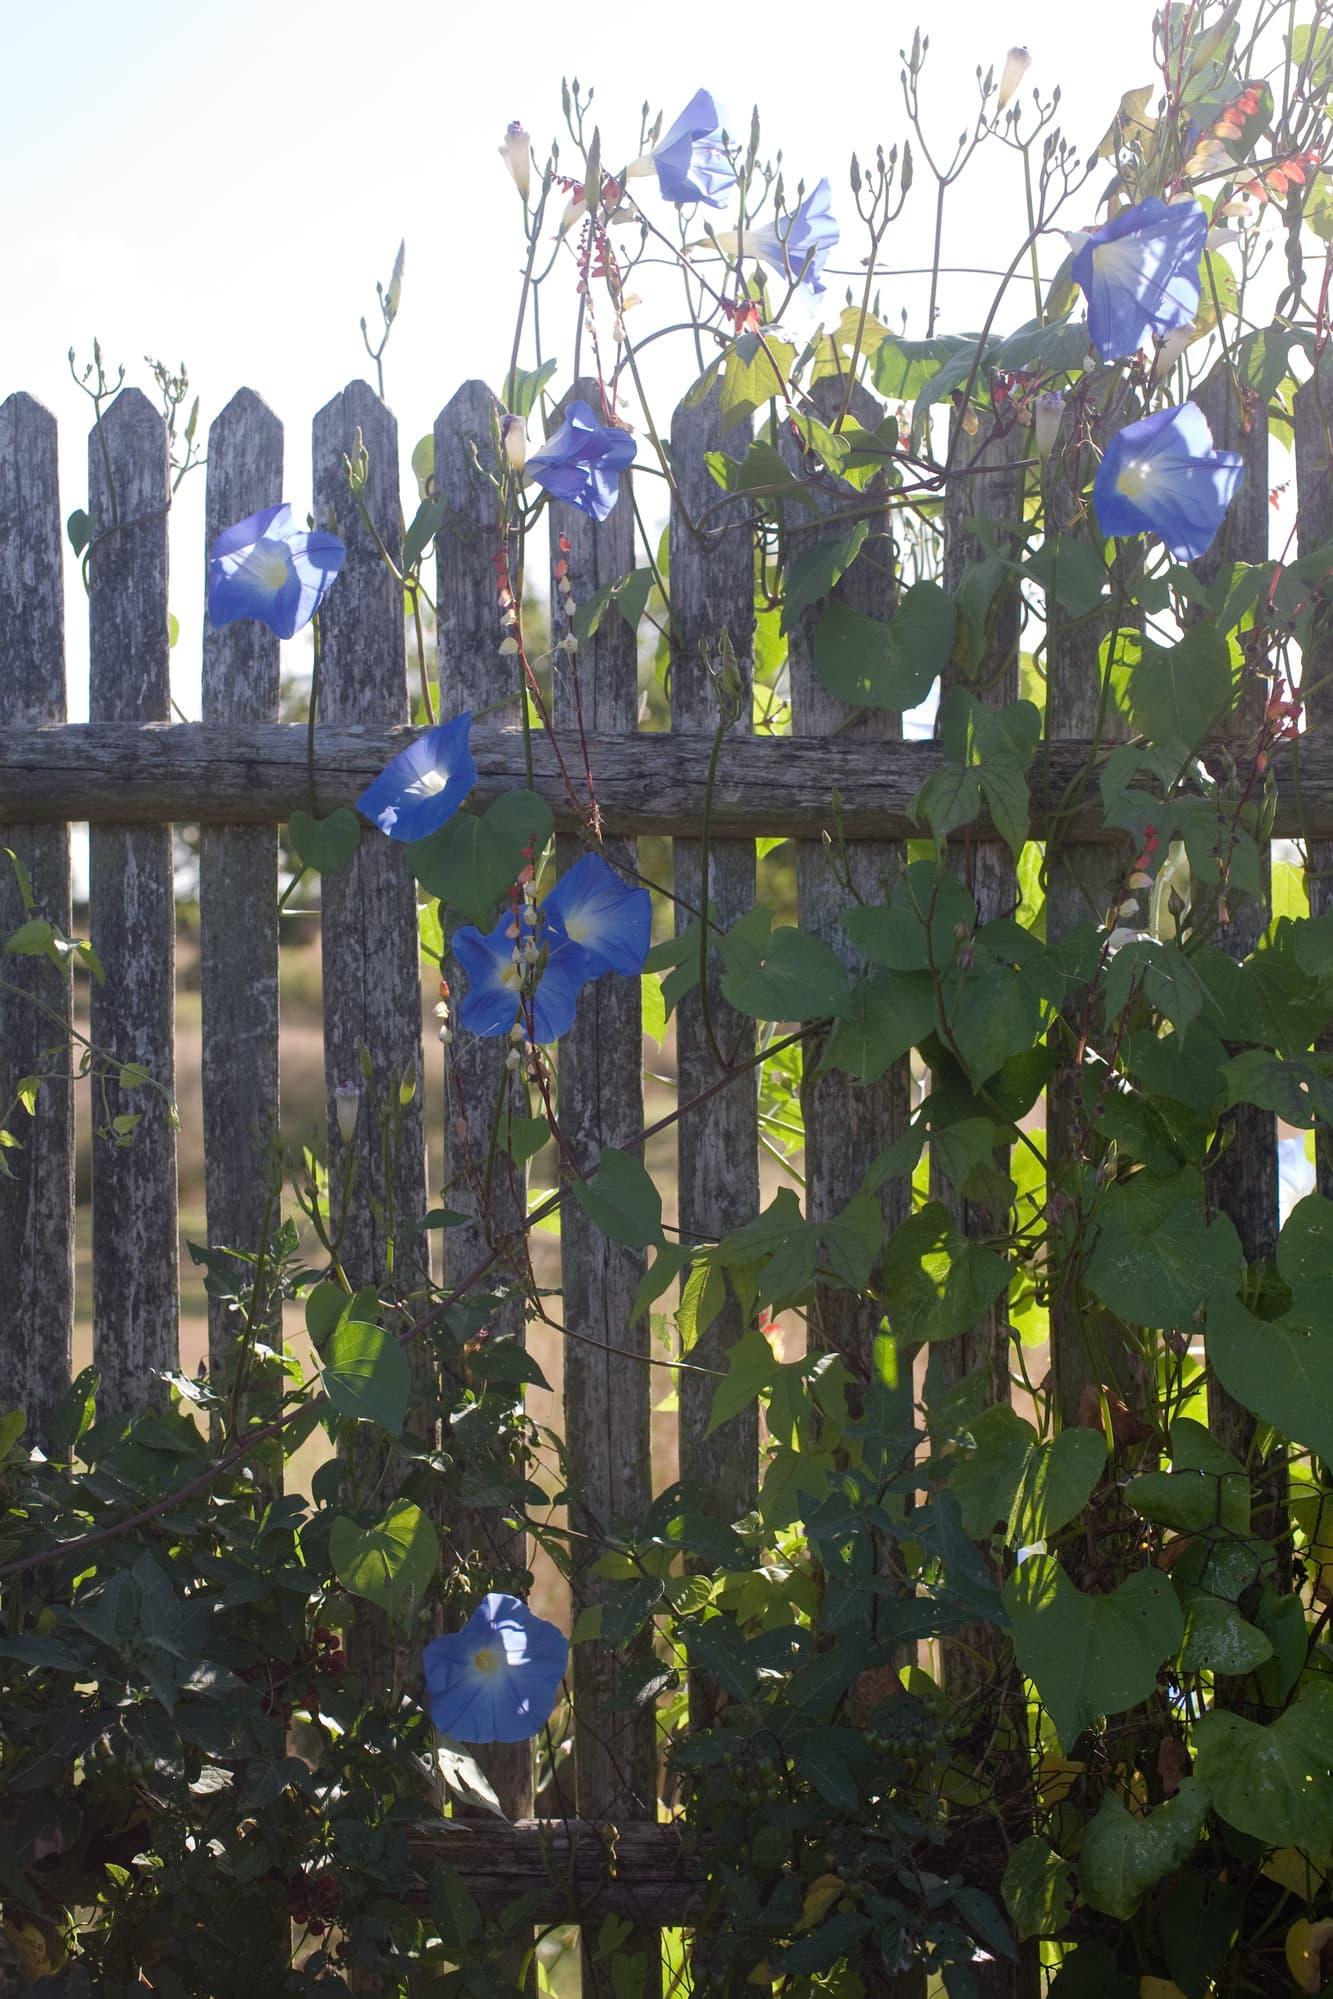 Blomman för dagen på staketet runt köksträdgården.